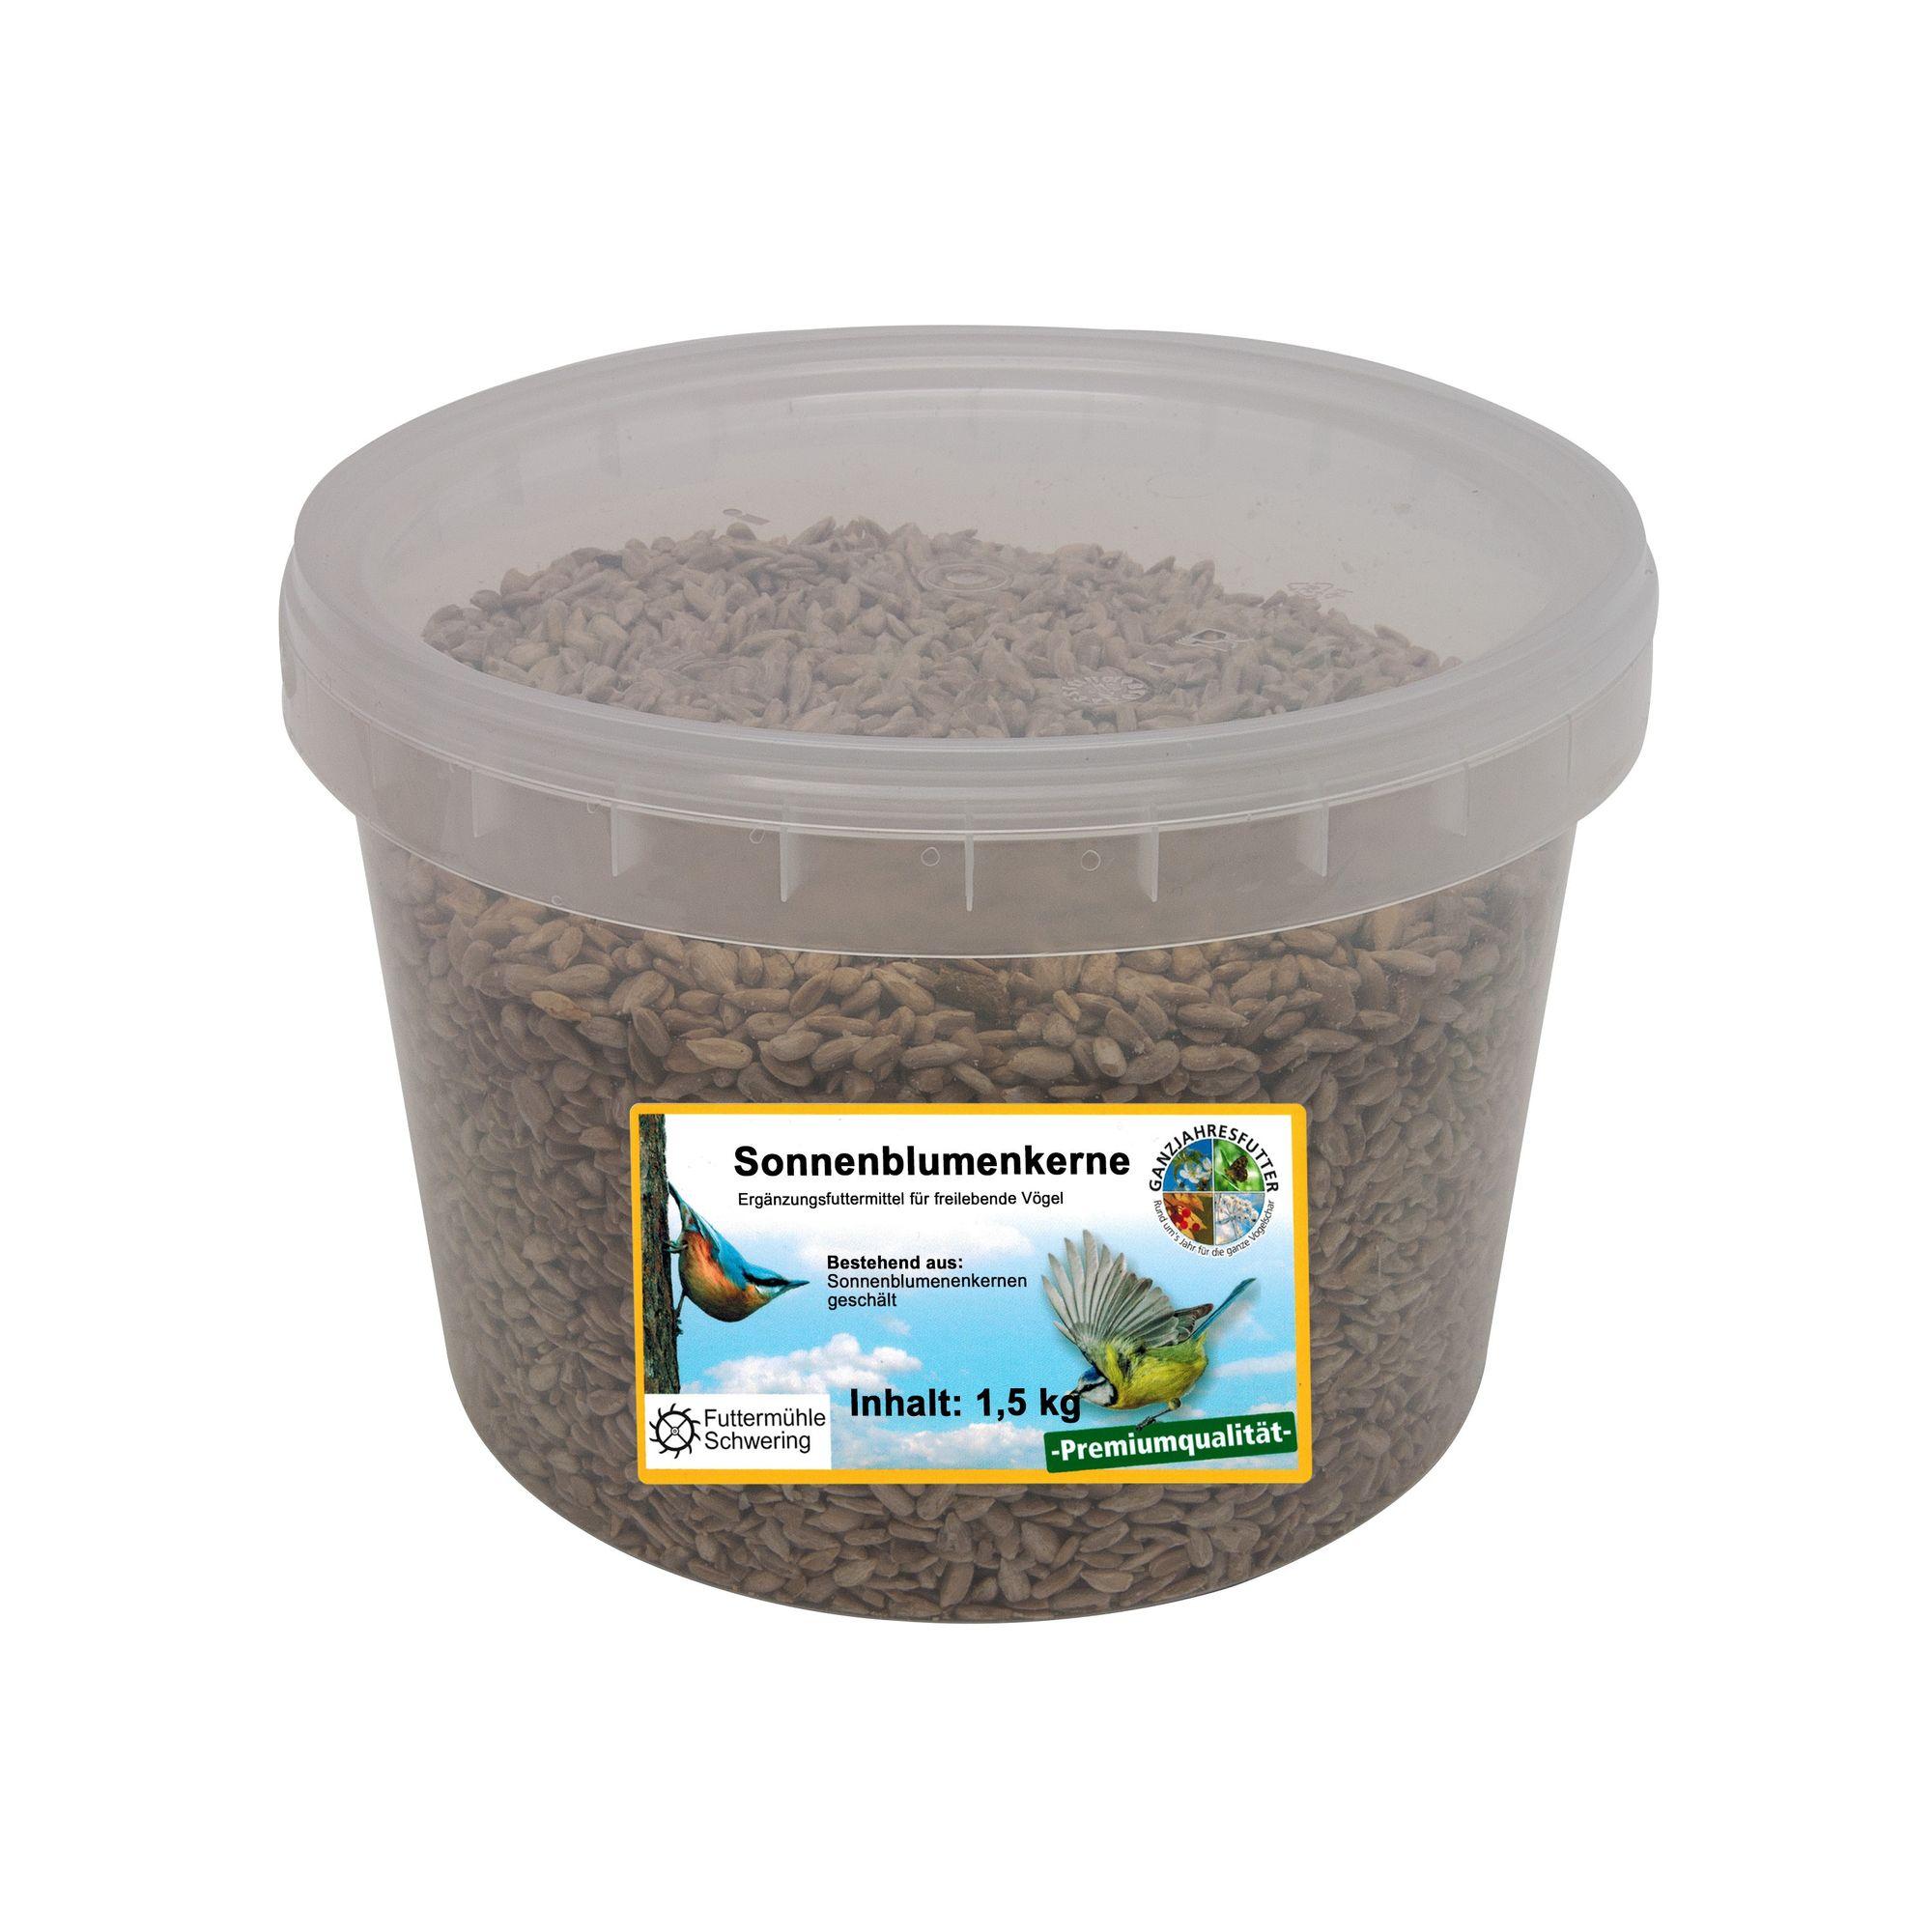 Sonnenblumenkerne, geschält, 1,5 kg Eimer